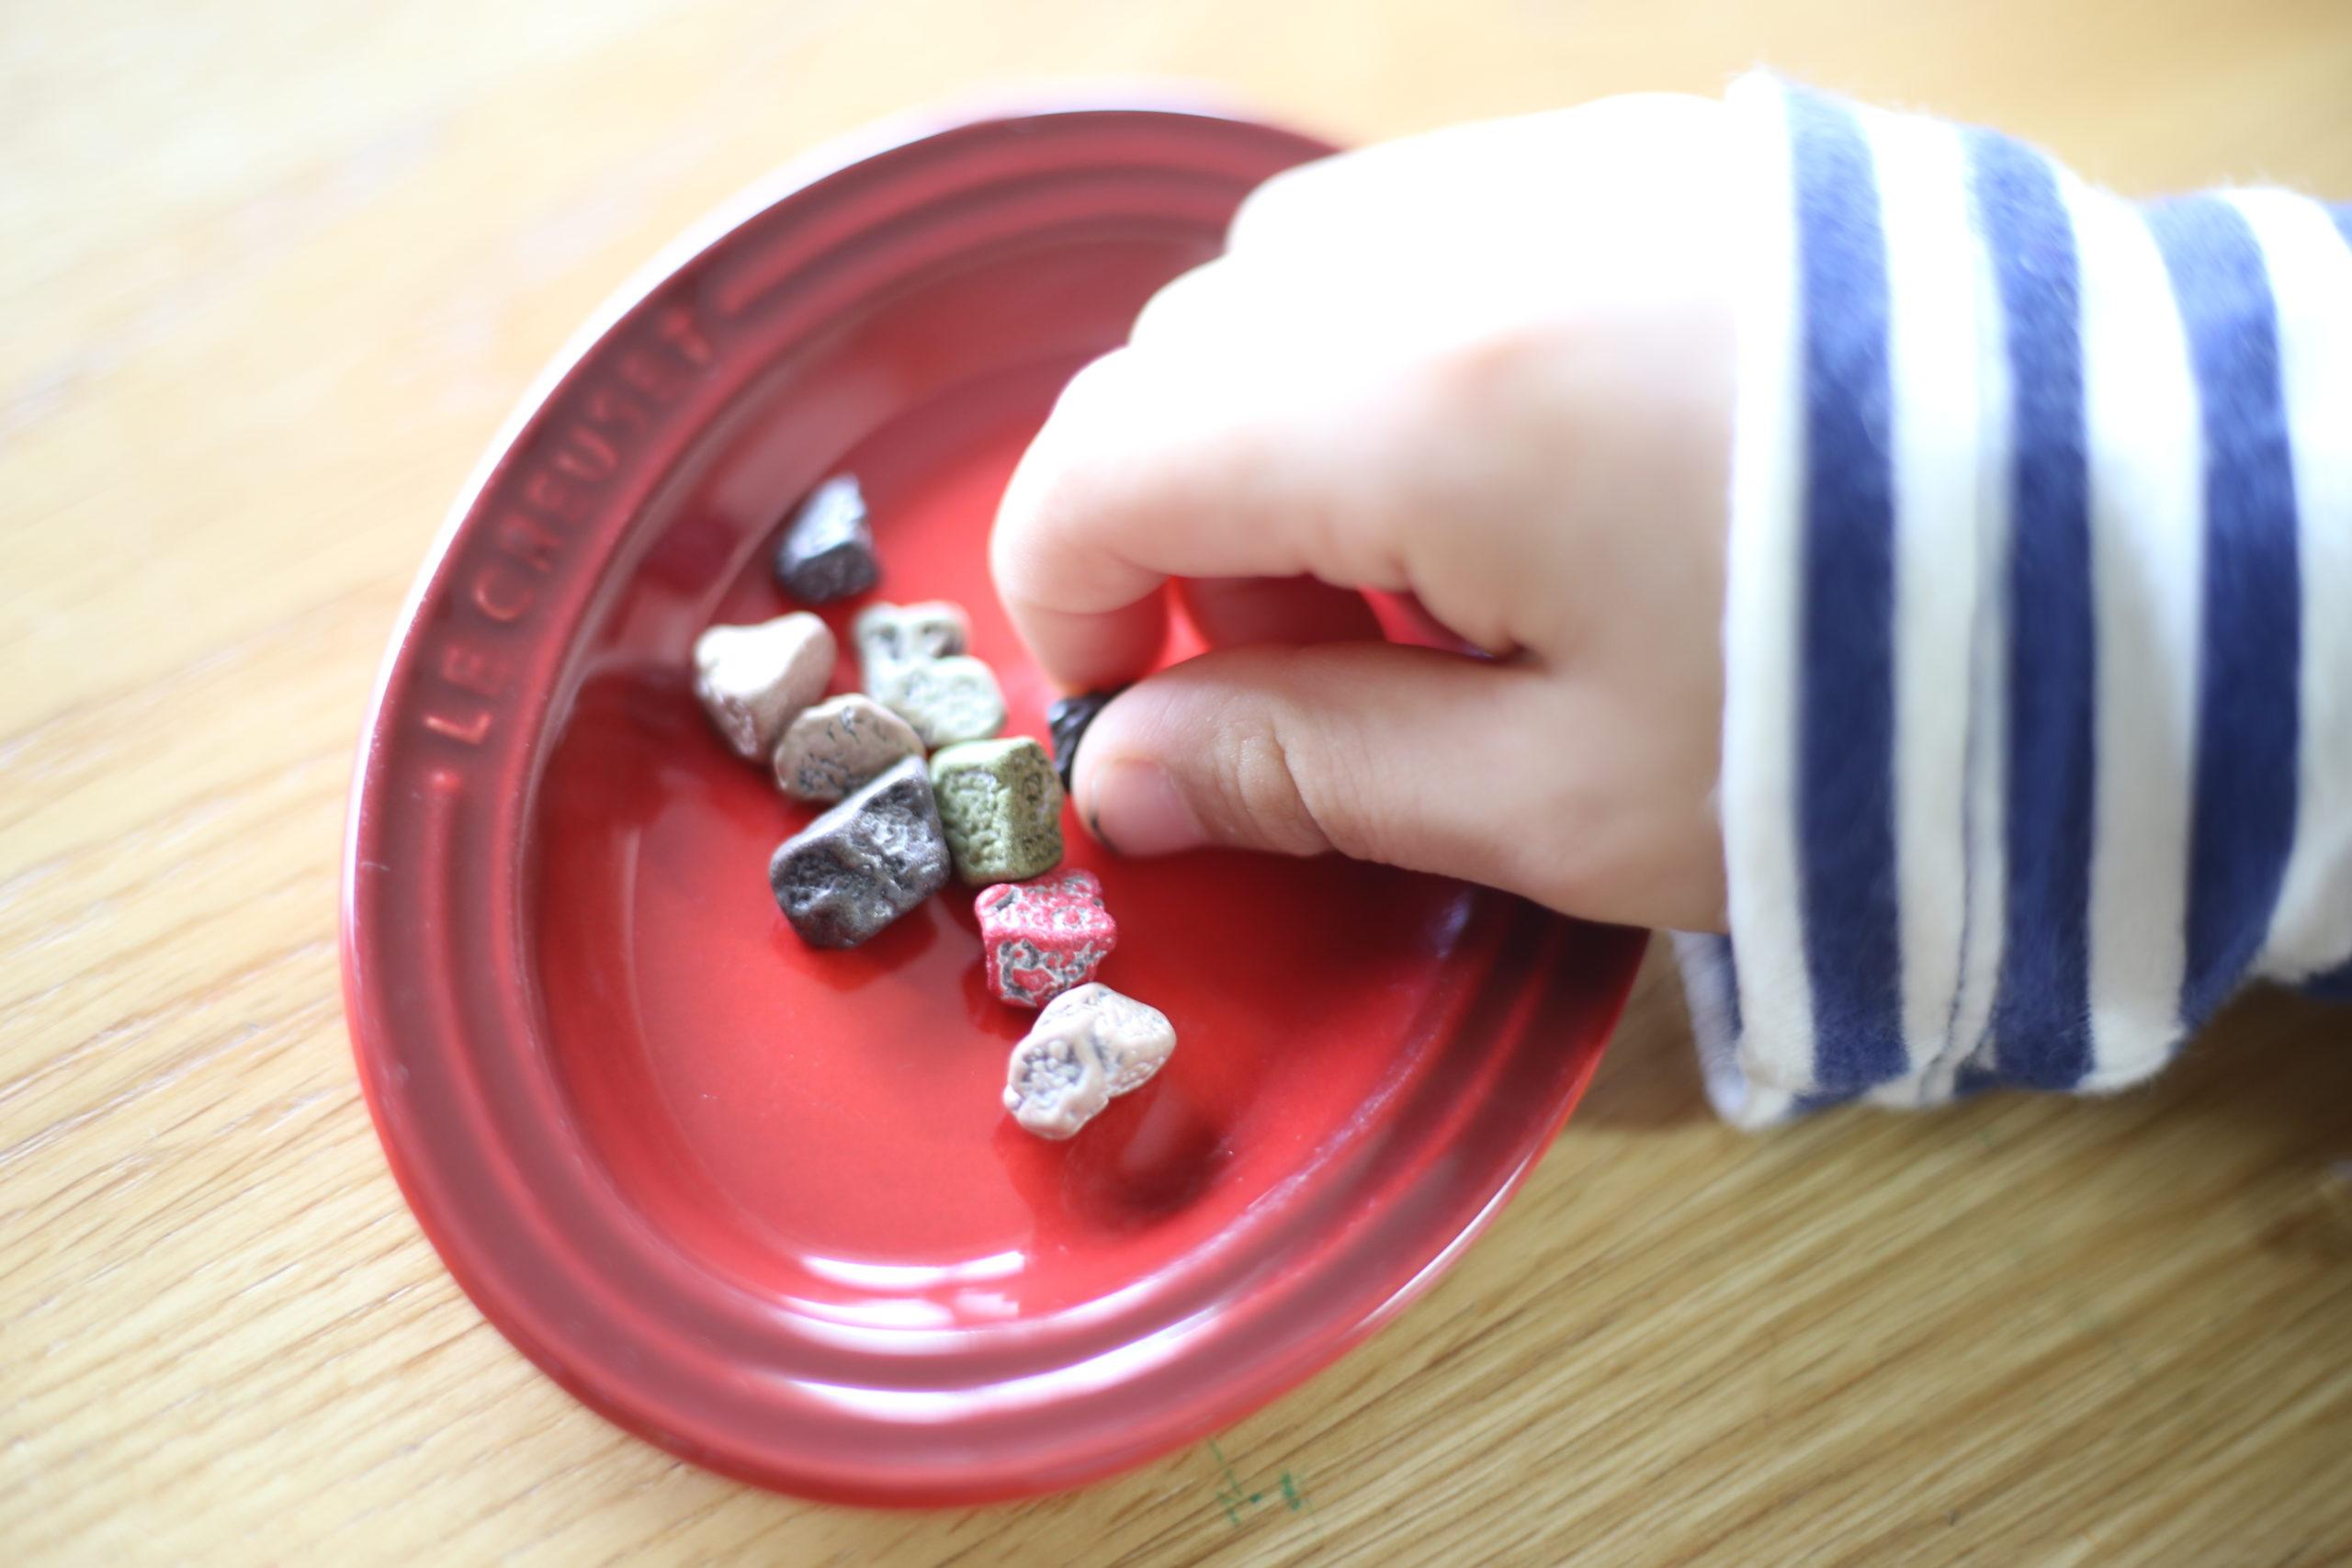 見てみて!息子用バレンタインのチョイスが秀逸じゃありません?